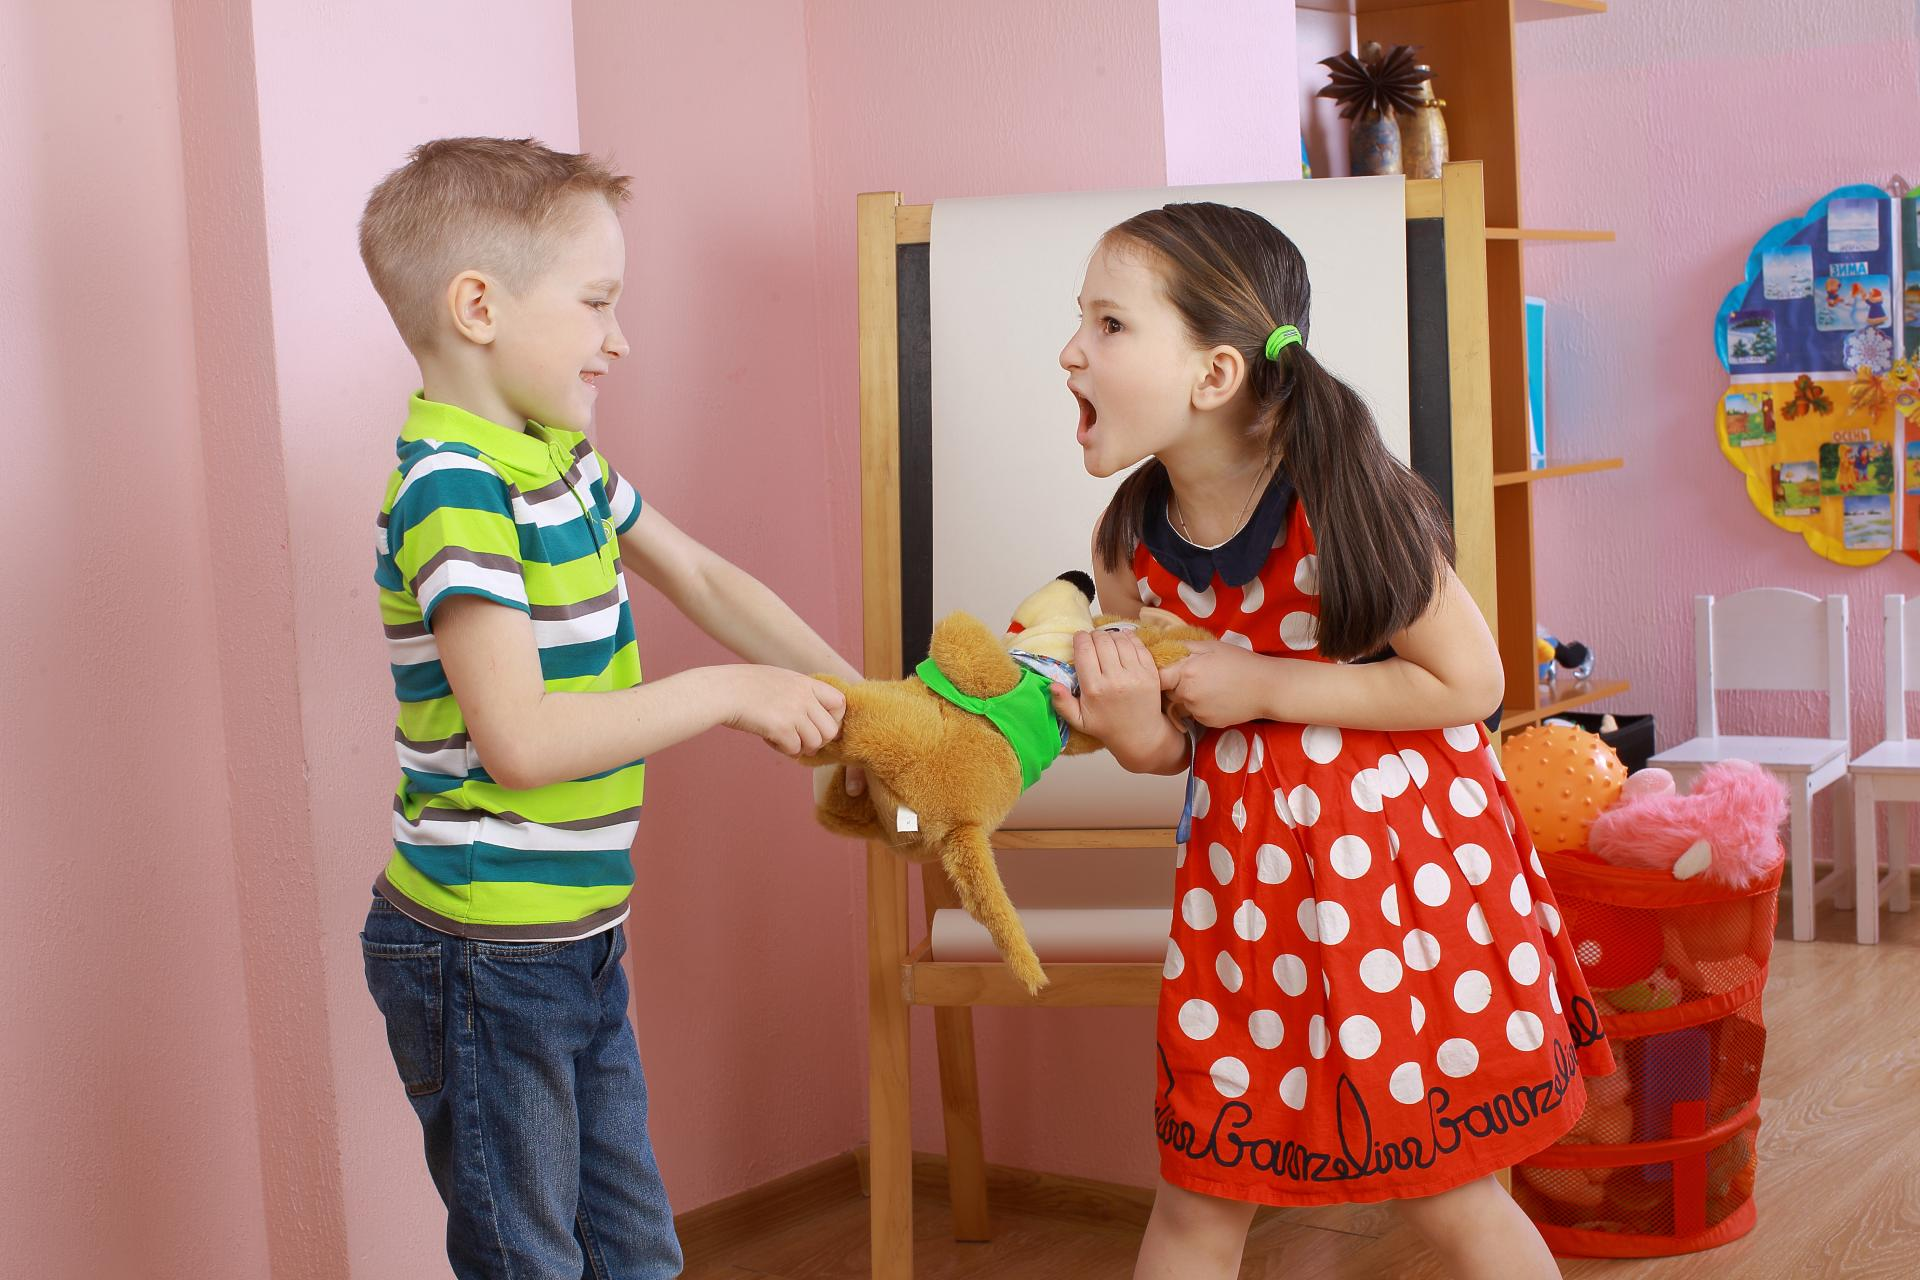 Gyerekek vitatkoznak egy játékmacin